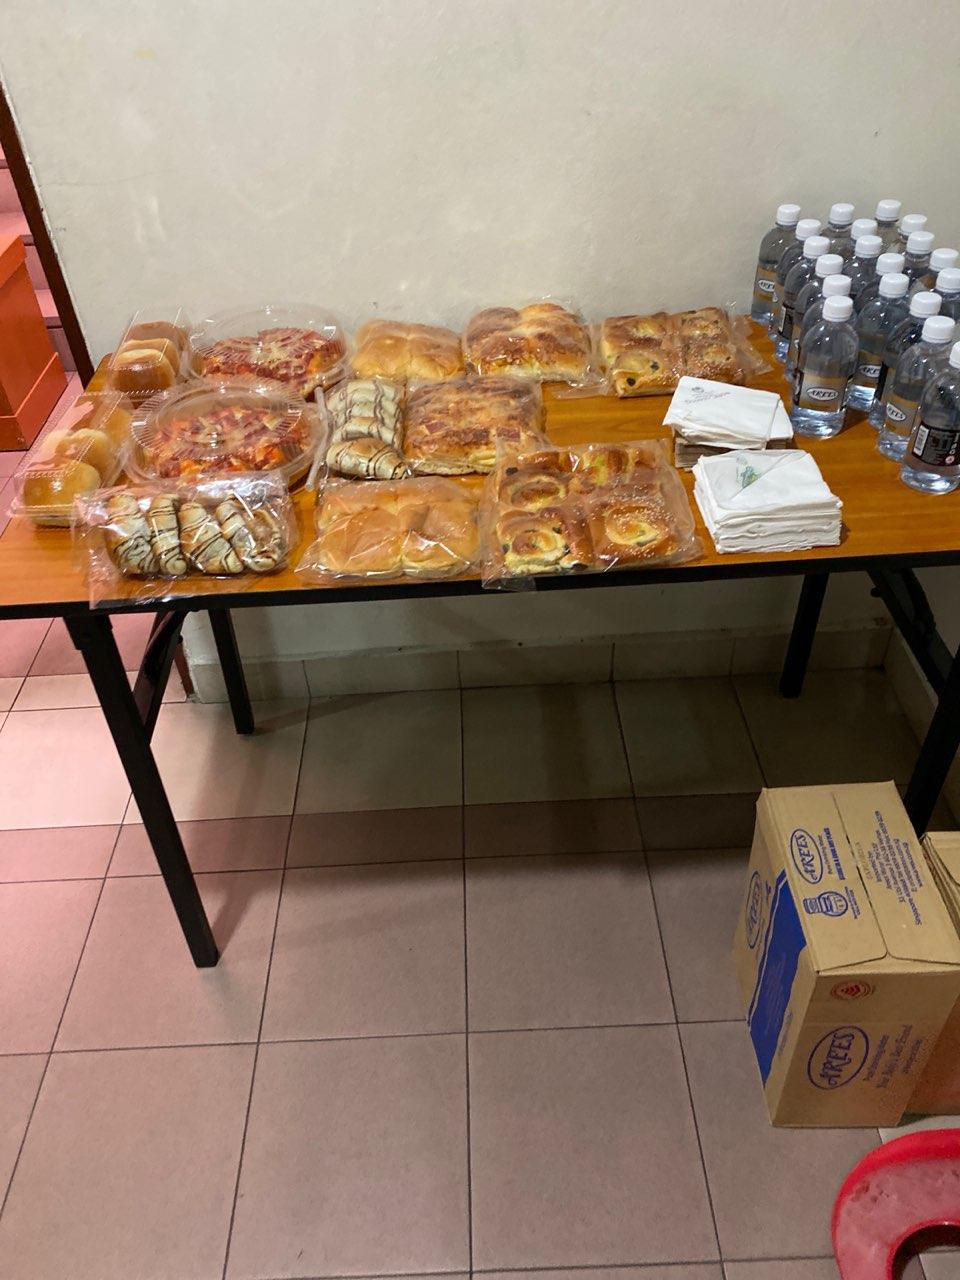 pmd chong pang bread